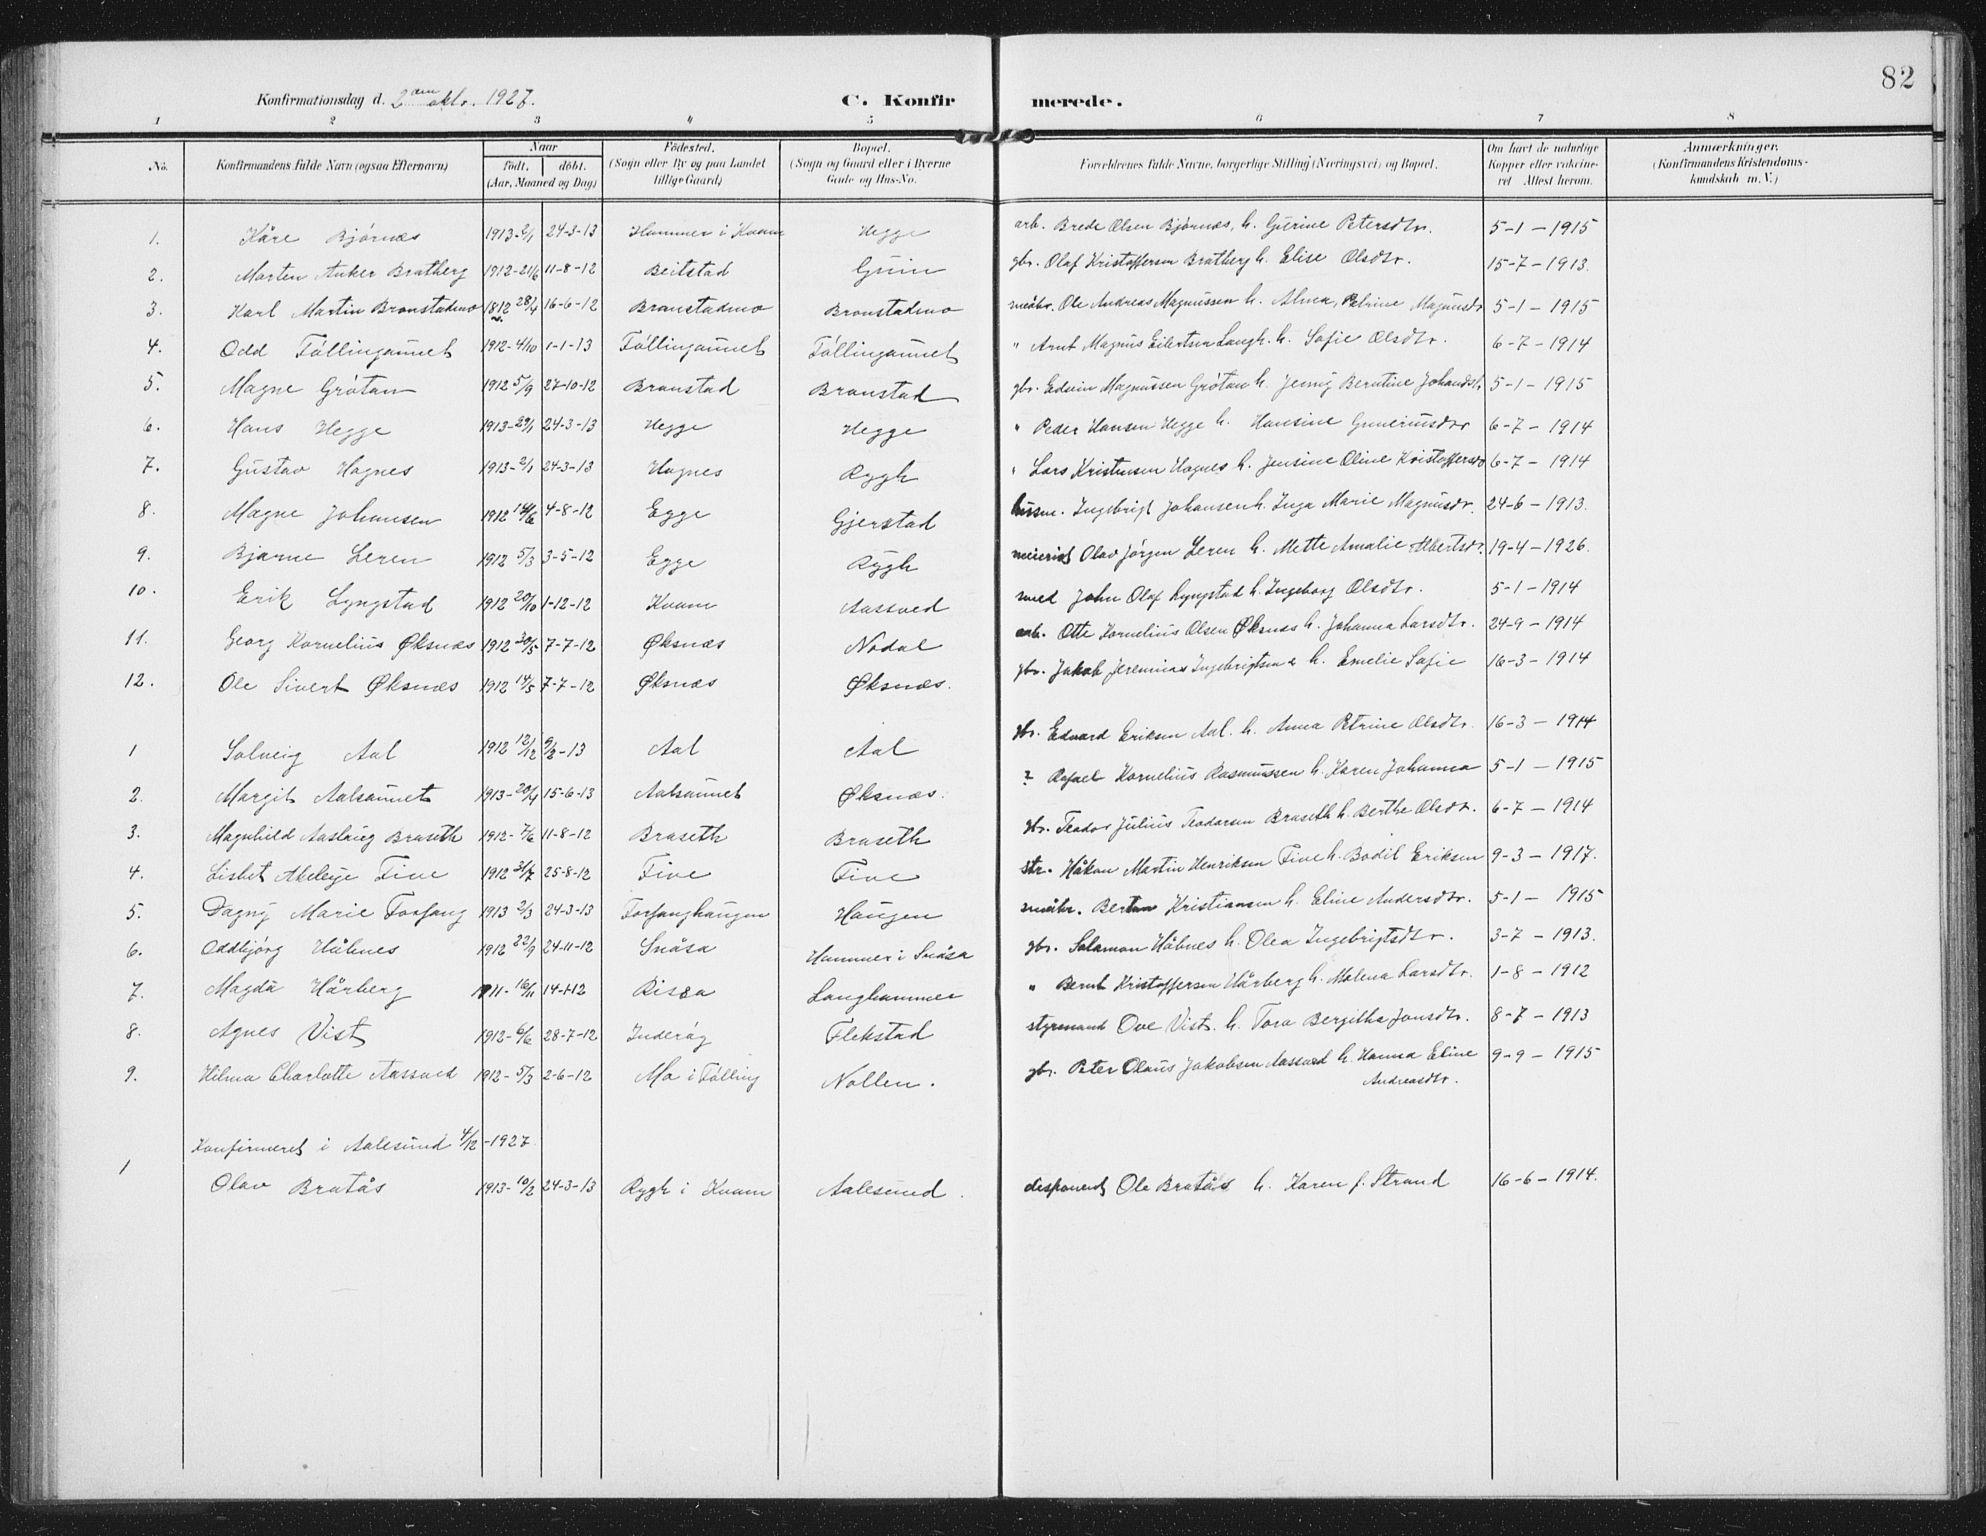 SAT, Ministerialprotokoller, klokkerbøker og fødselsregistre - Nord-Trøndelag, 747/L0460: Klokkerbok nr. 747C02, 1908-1939, s. 82